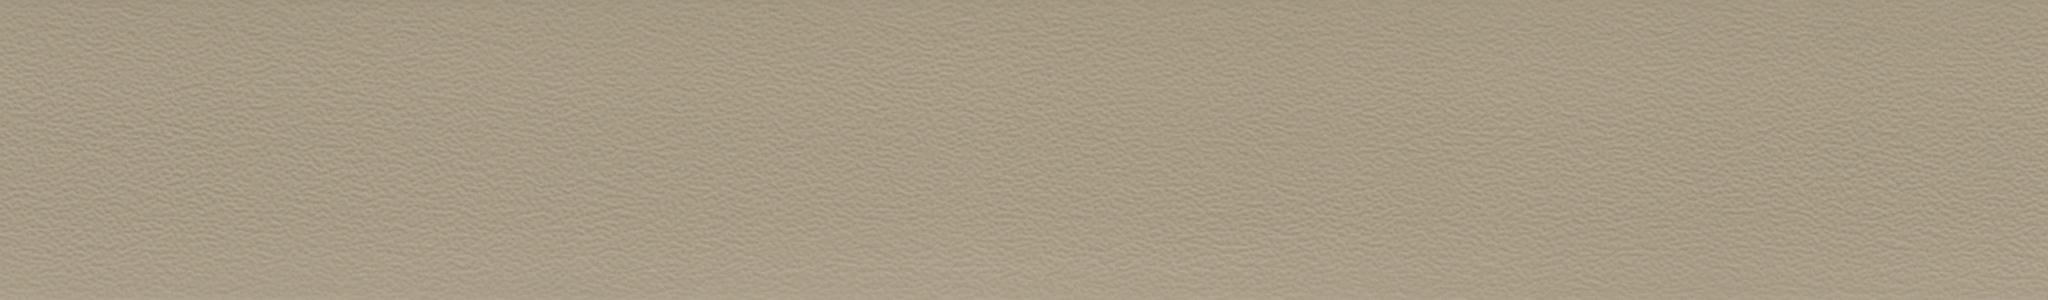 HU 18206 ABS Kante UNI Malaga Braun perl 101